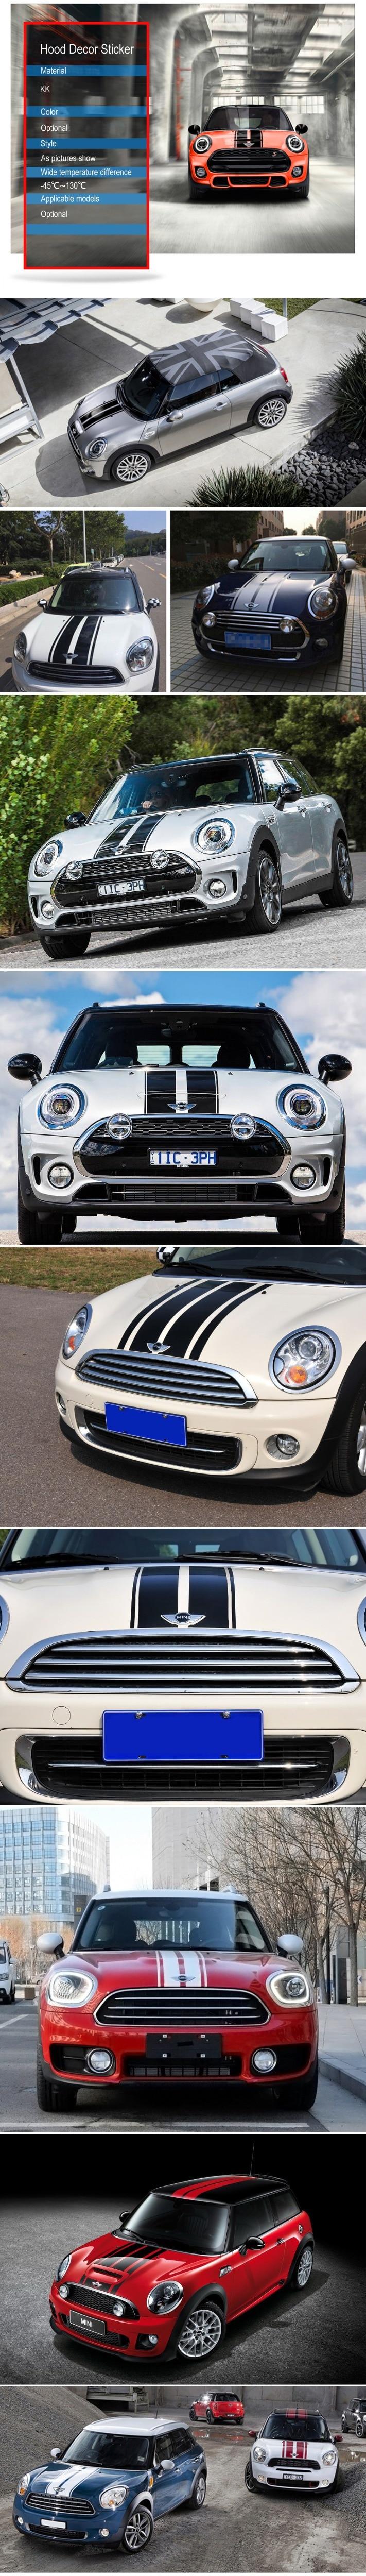 Автомобильный стиль, наклейка на голову, капот, наклейки в полоску для MINI Cooper S One, земляк, Clubman R55 R56 R60 R61 F54 F55 F56 F60, аксессуары